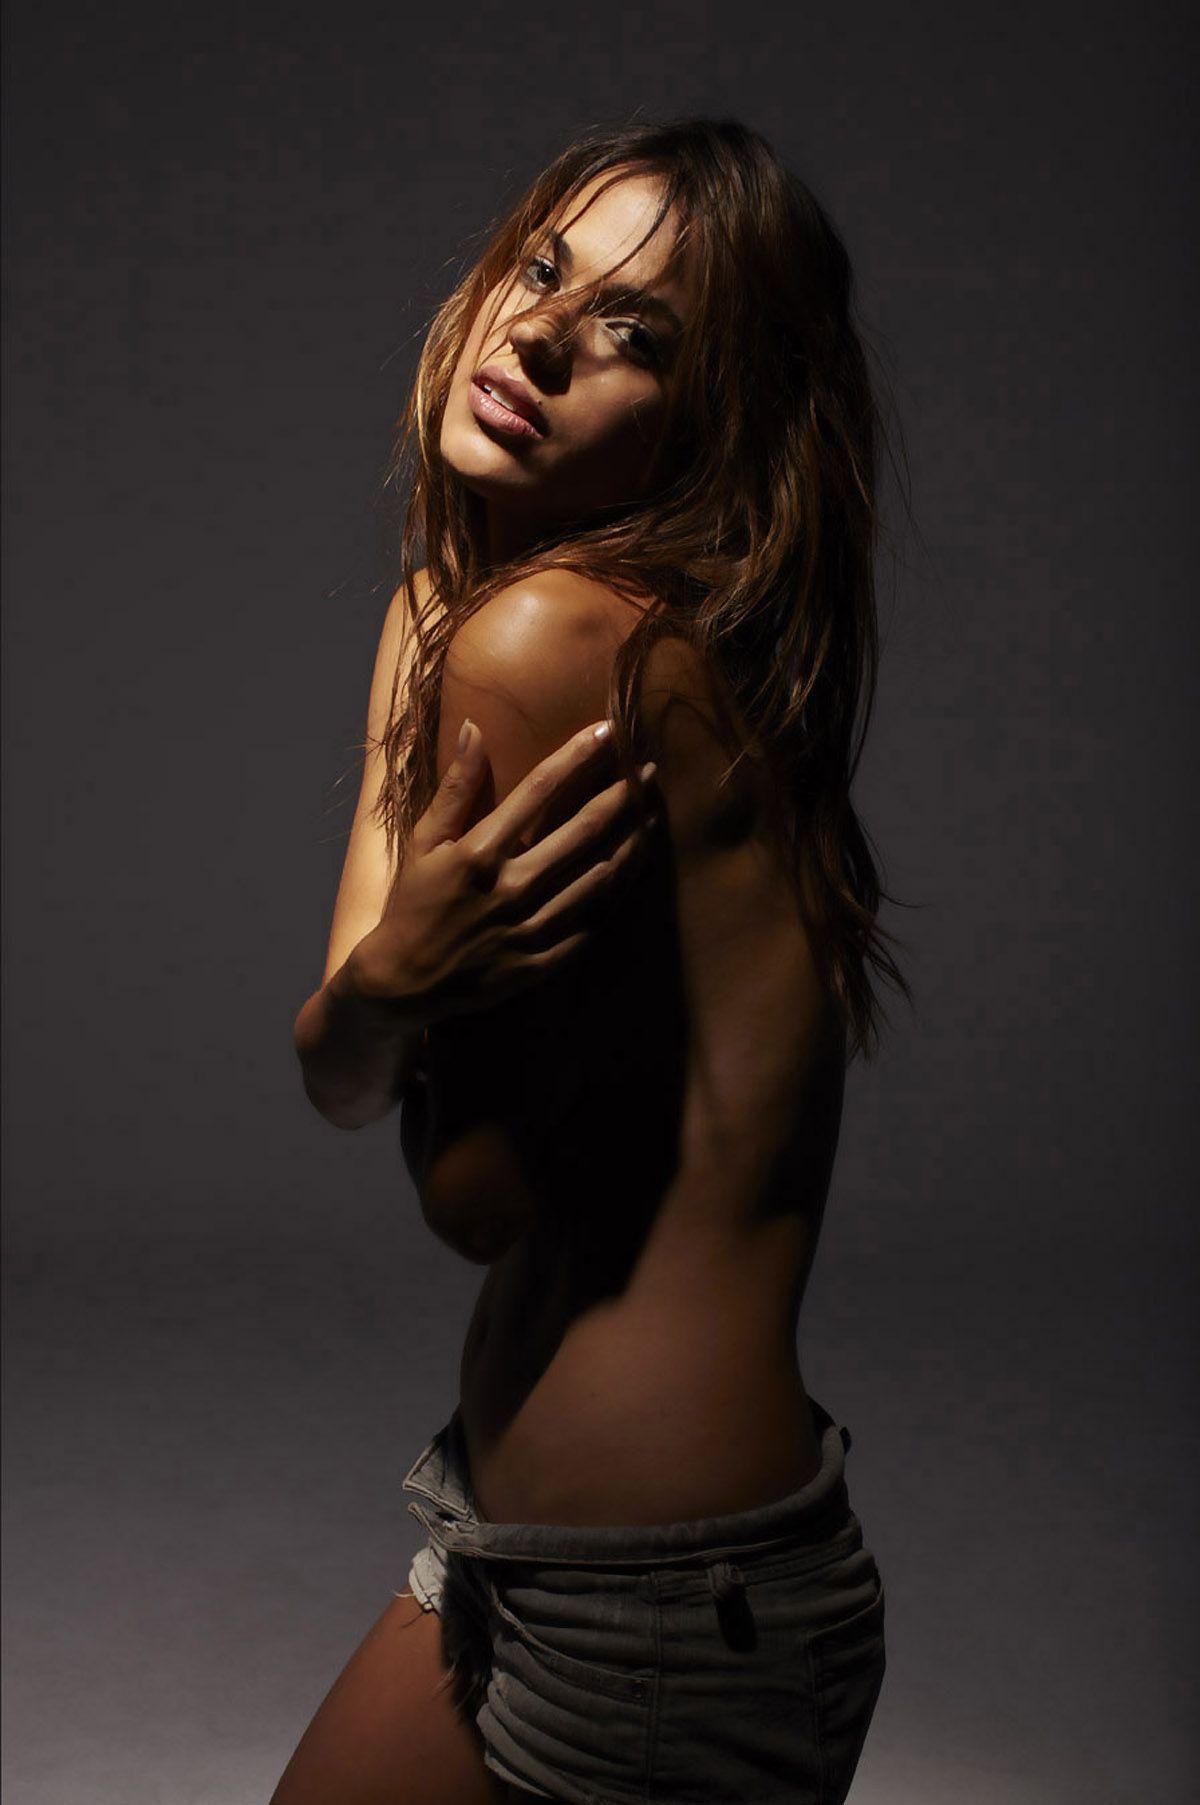 Rayla jacunda nude nudes (87 photos), Selfie Celebrites foto